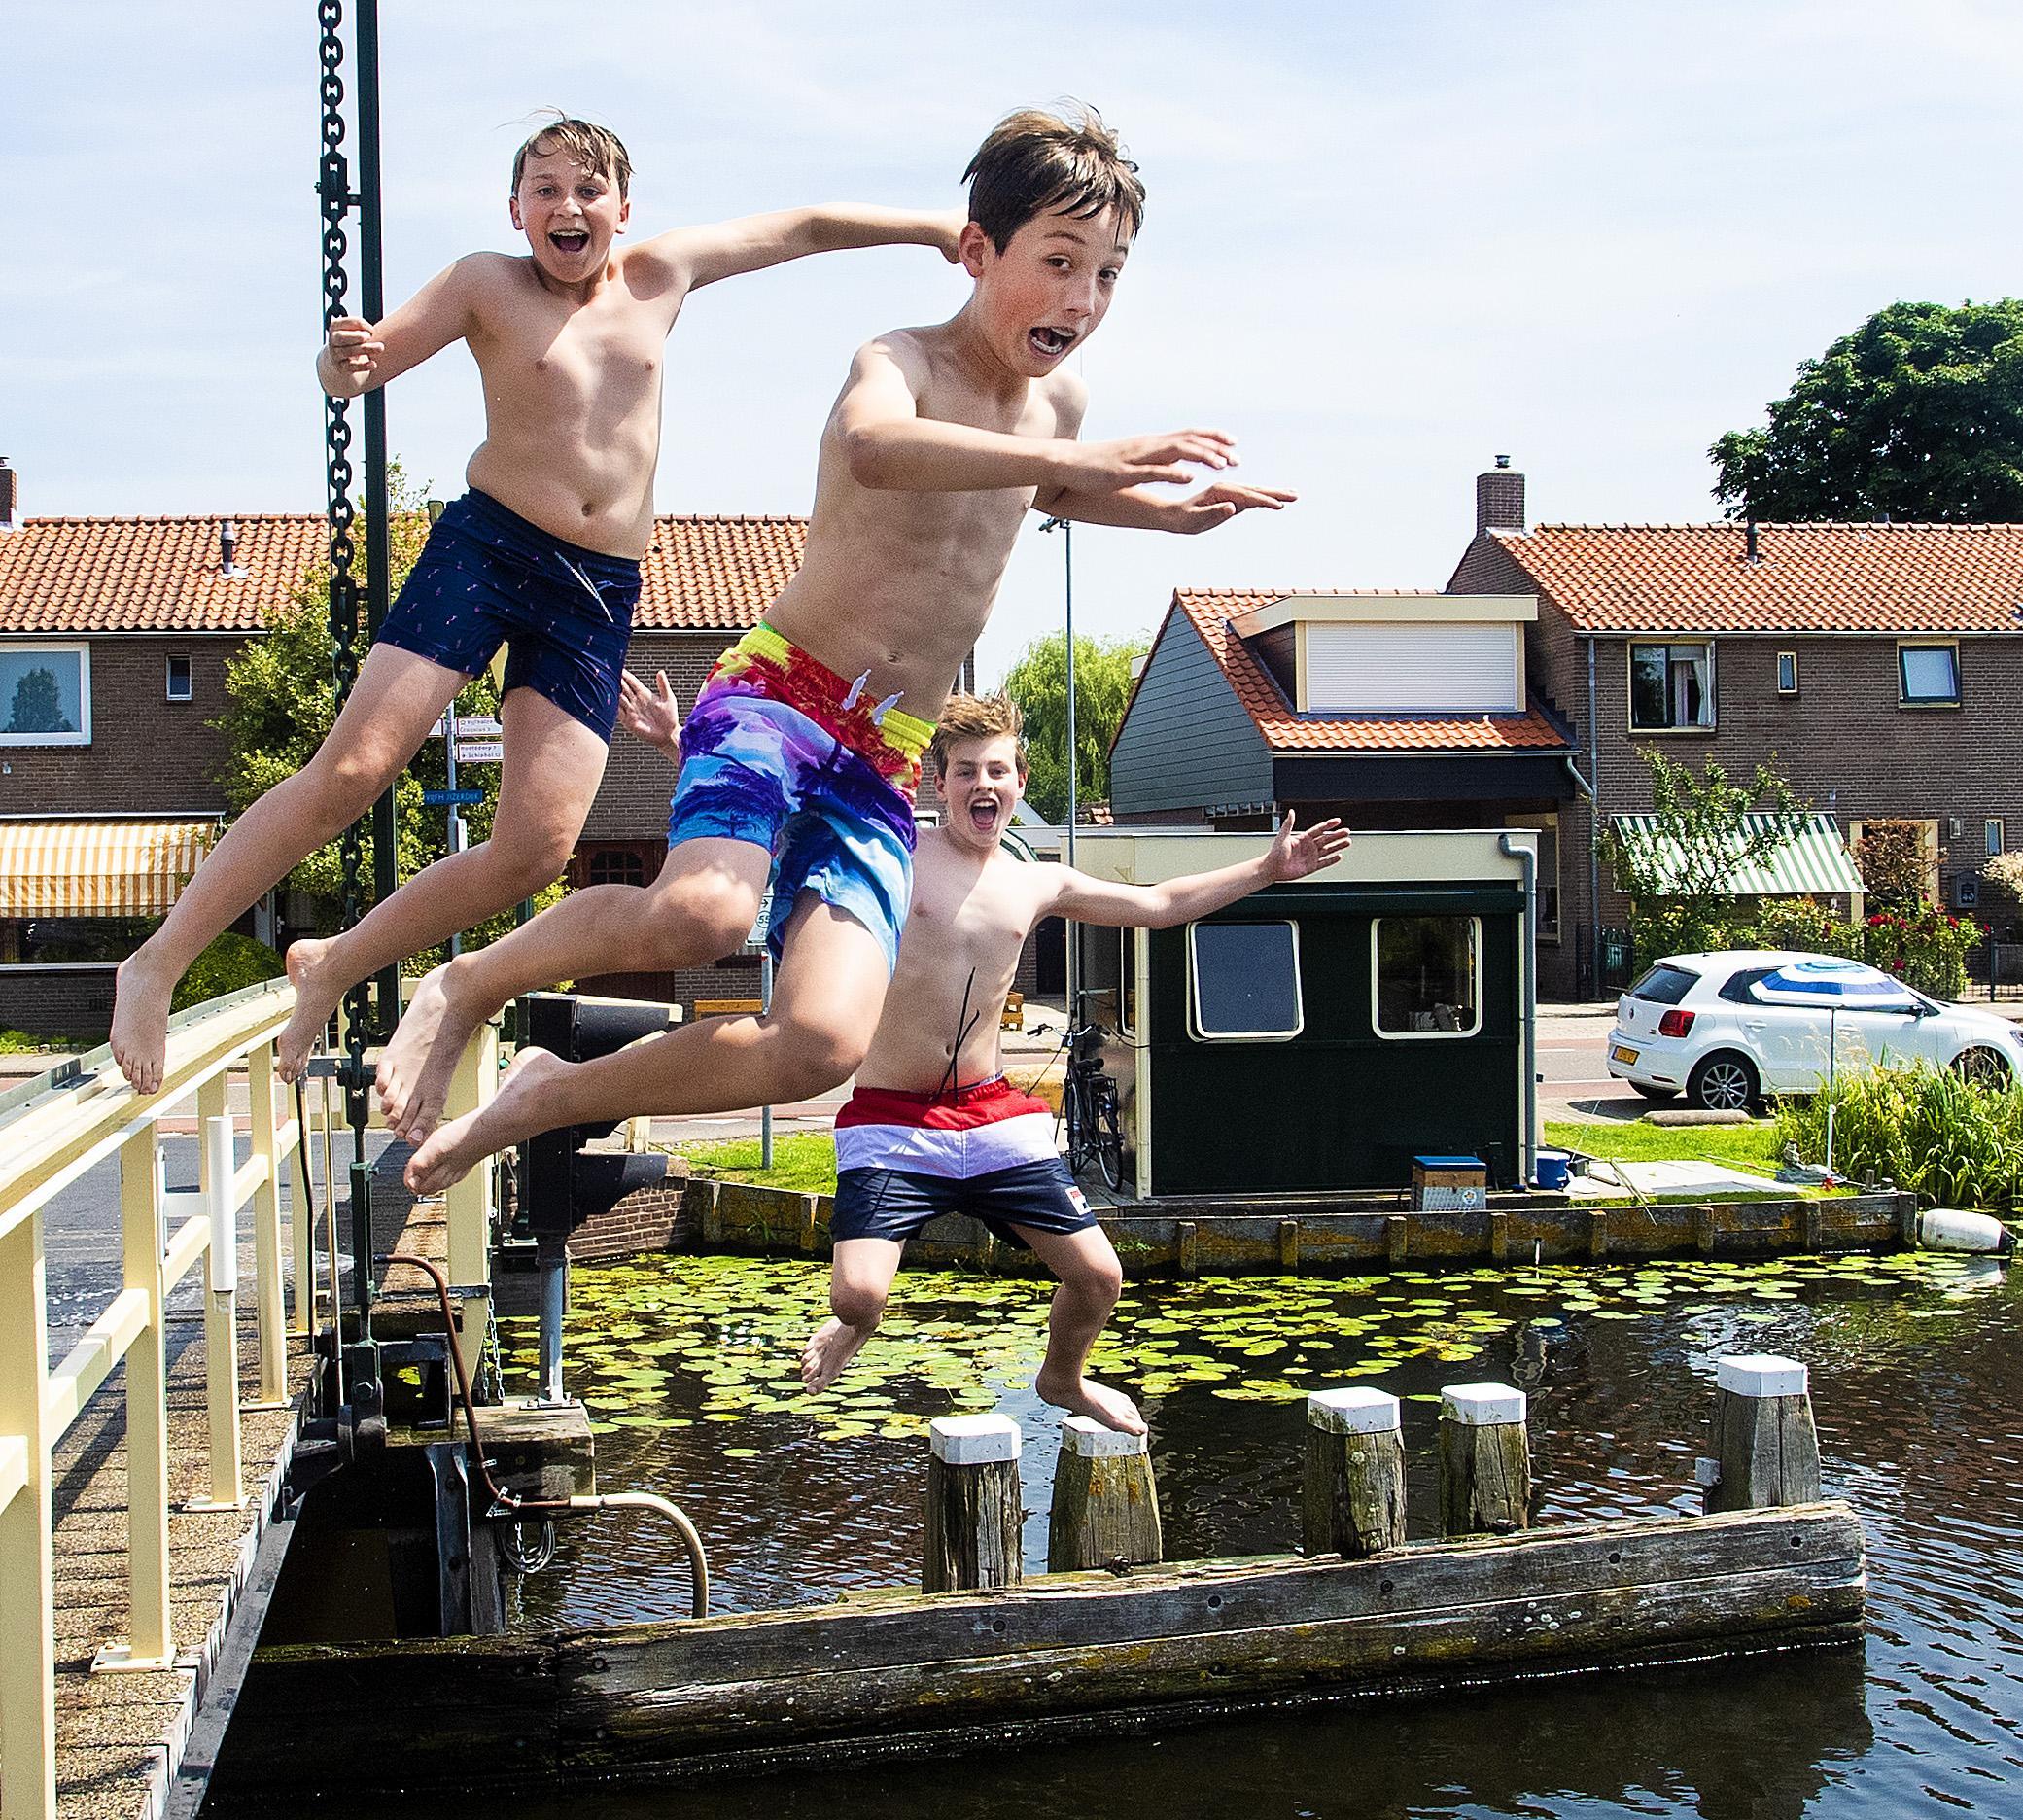 Sprong naar verkoeling in Ringvaart bij Vijfhuizen